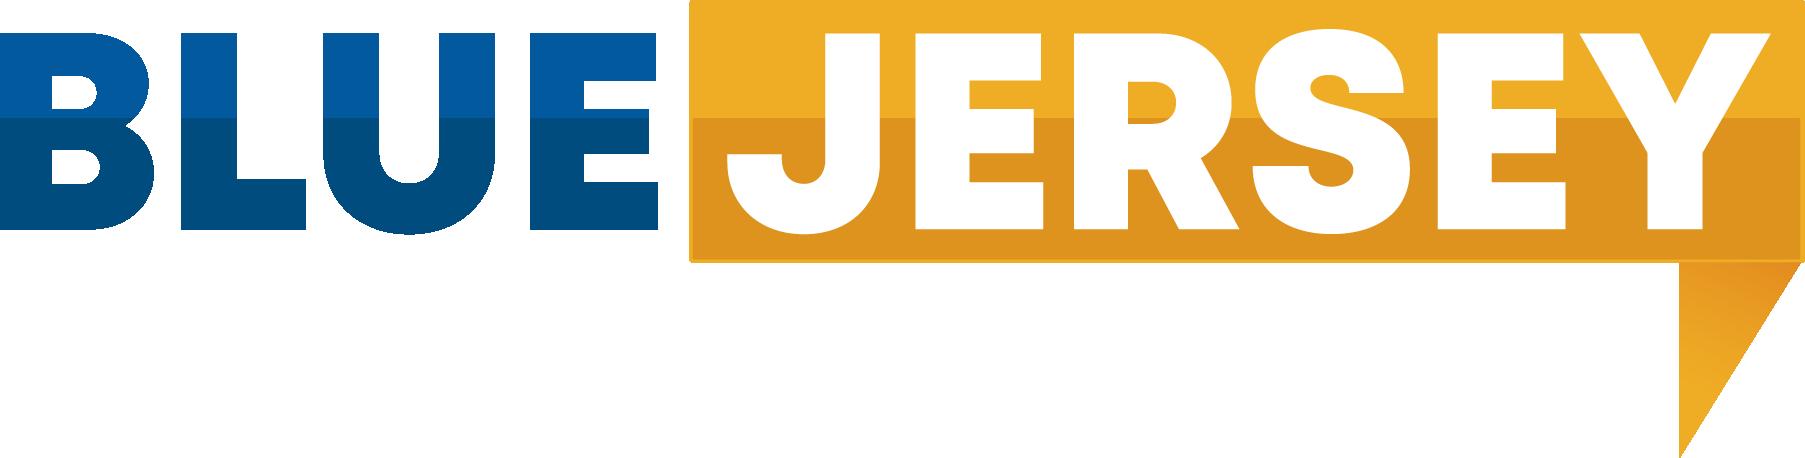 Bluejersey – Best NJ Online Casino Reviews!